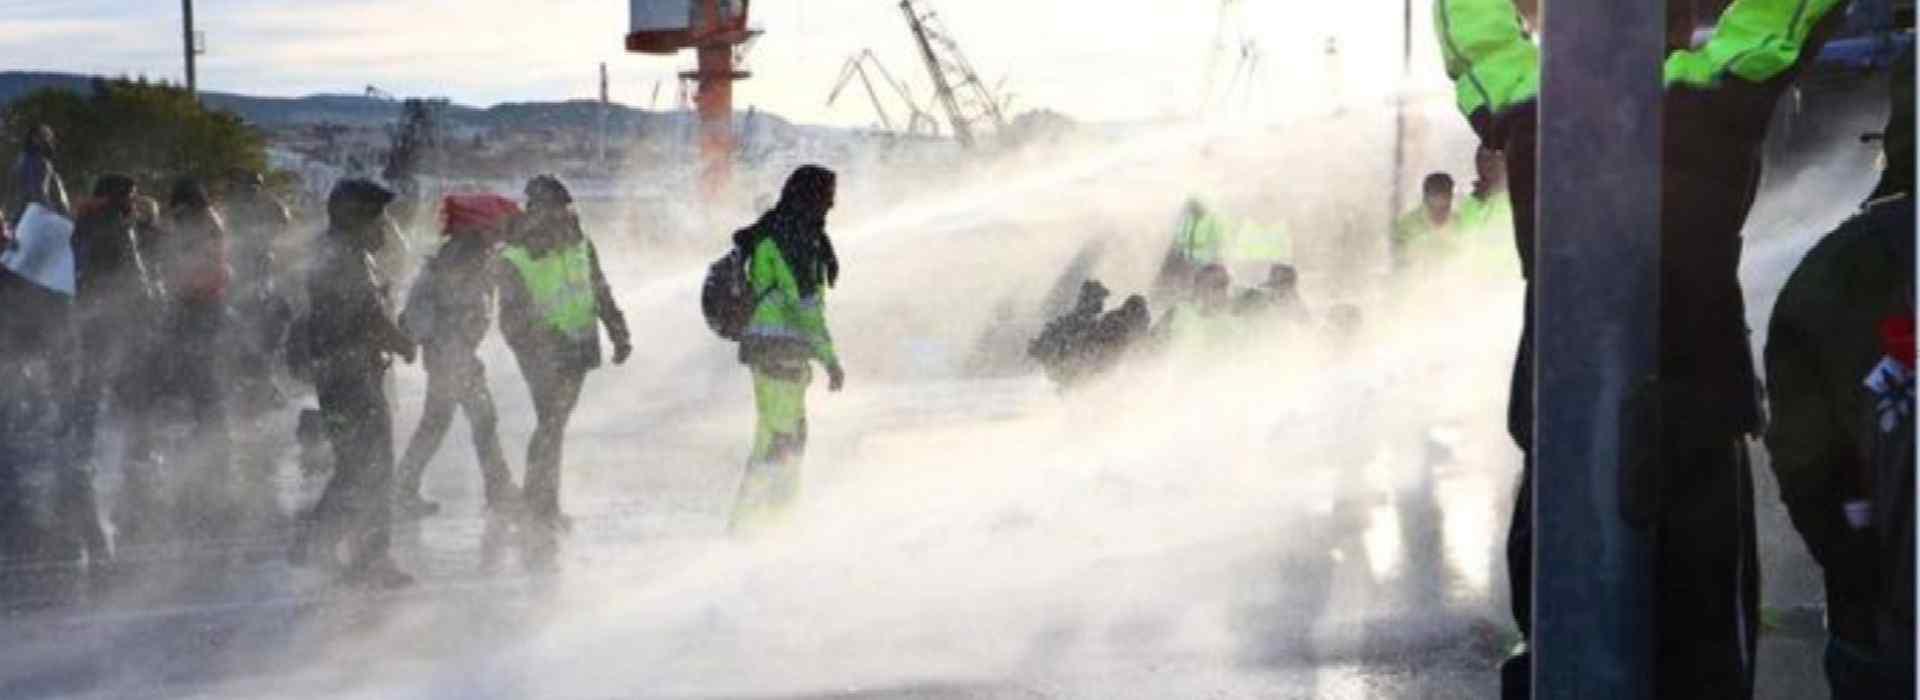 Porto di Trieste, lacrimogeni e idranti sui manifestanti: la polizia li sgombera